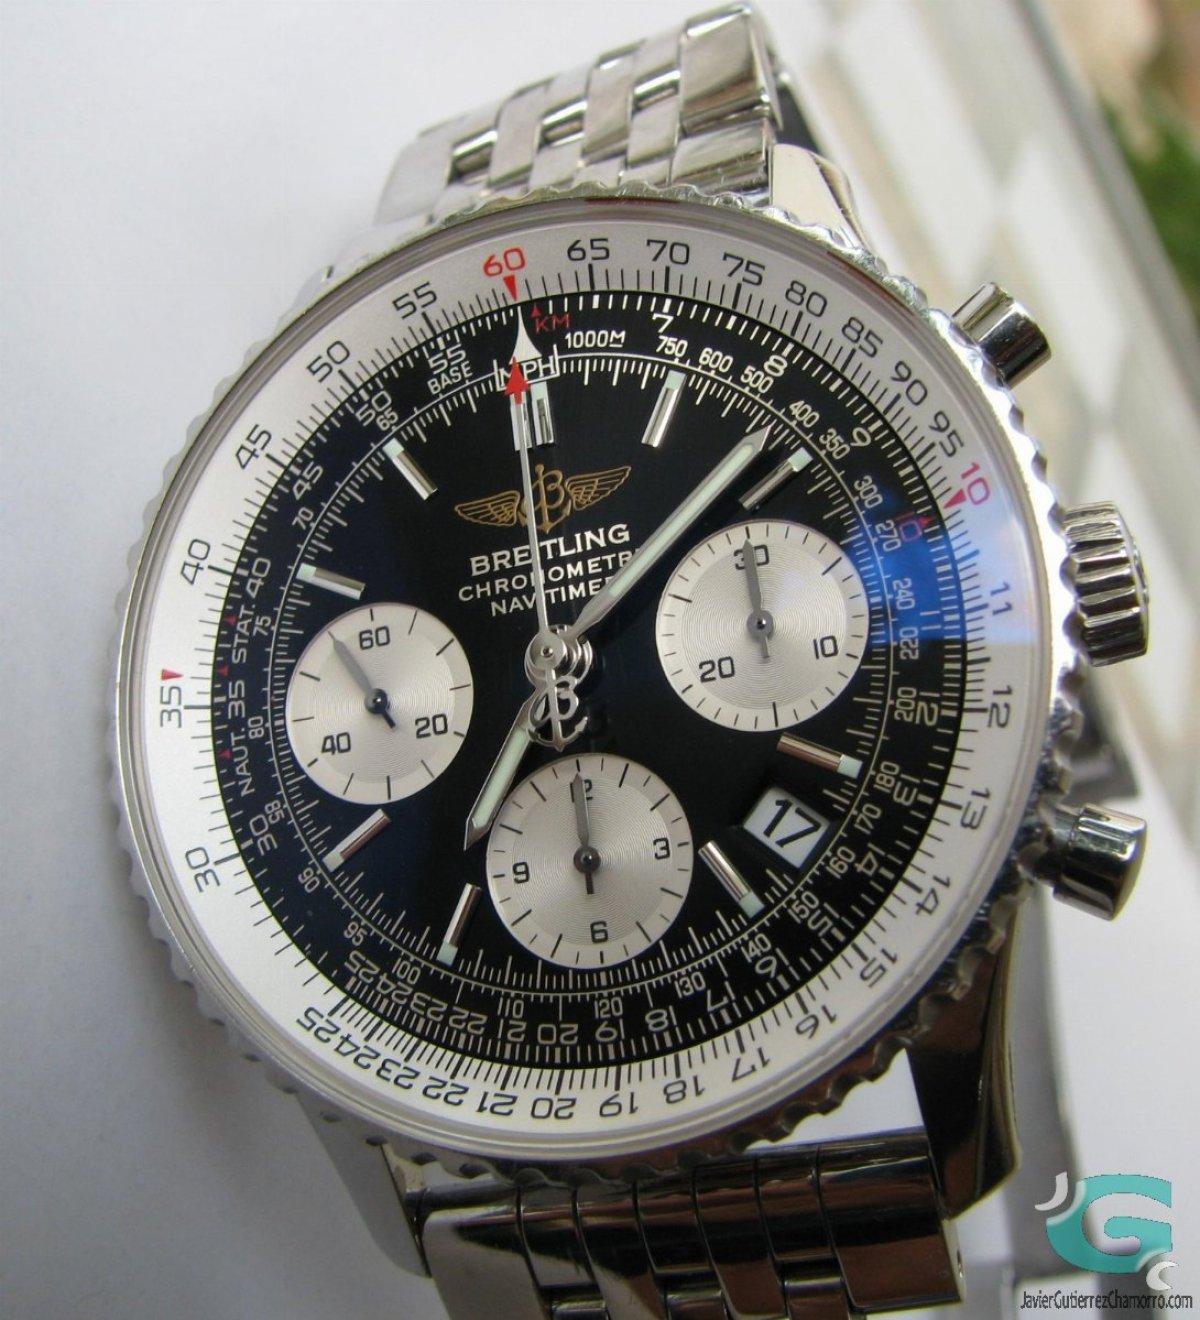 Galería de relojes de los lectores (11), parte de una colección y otra investigación